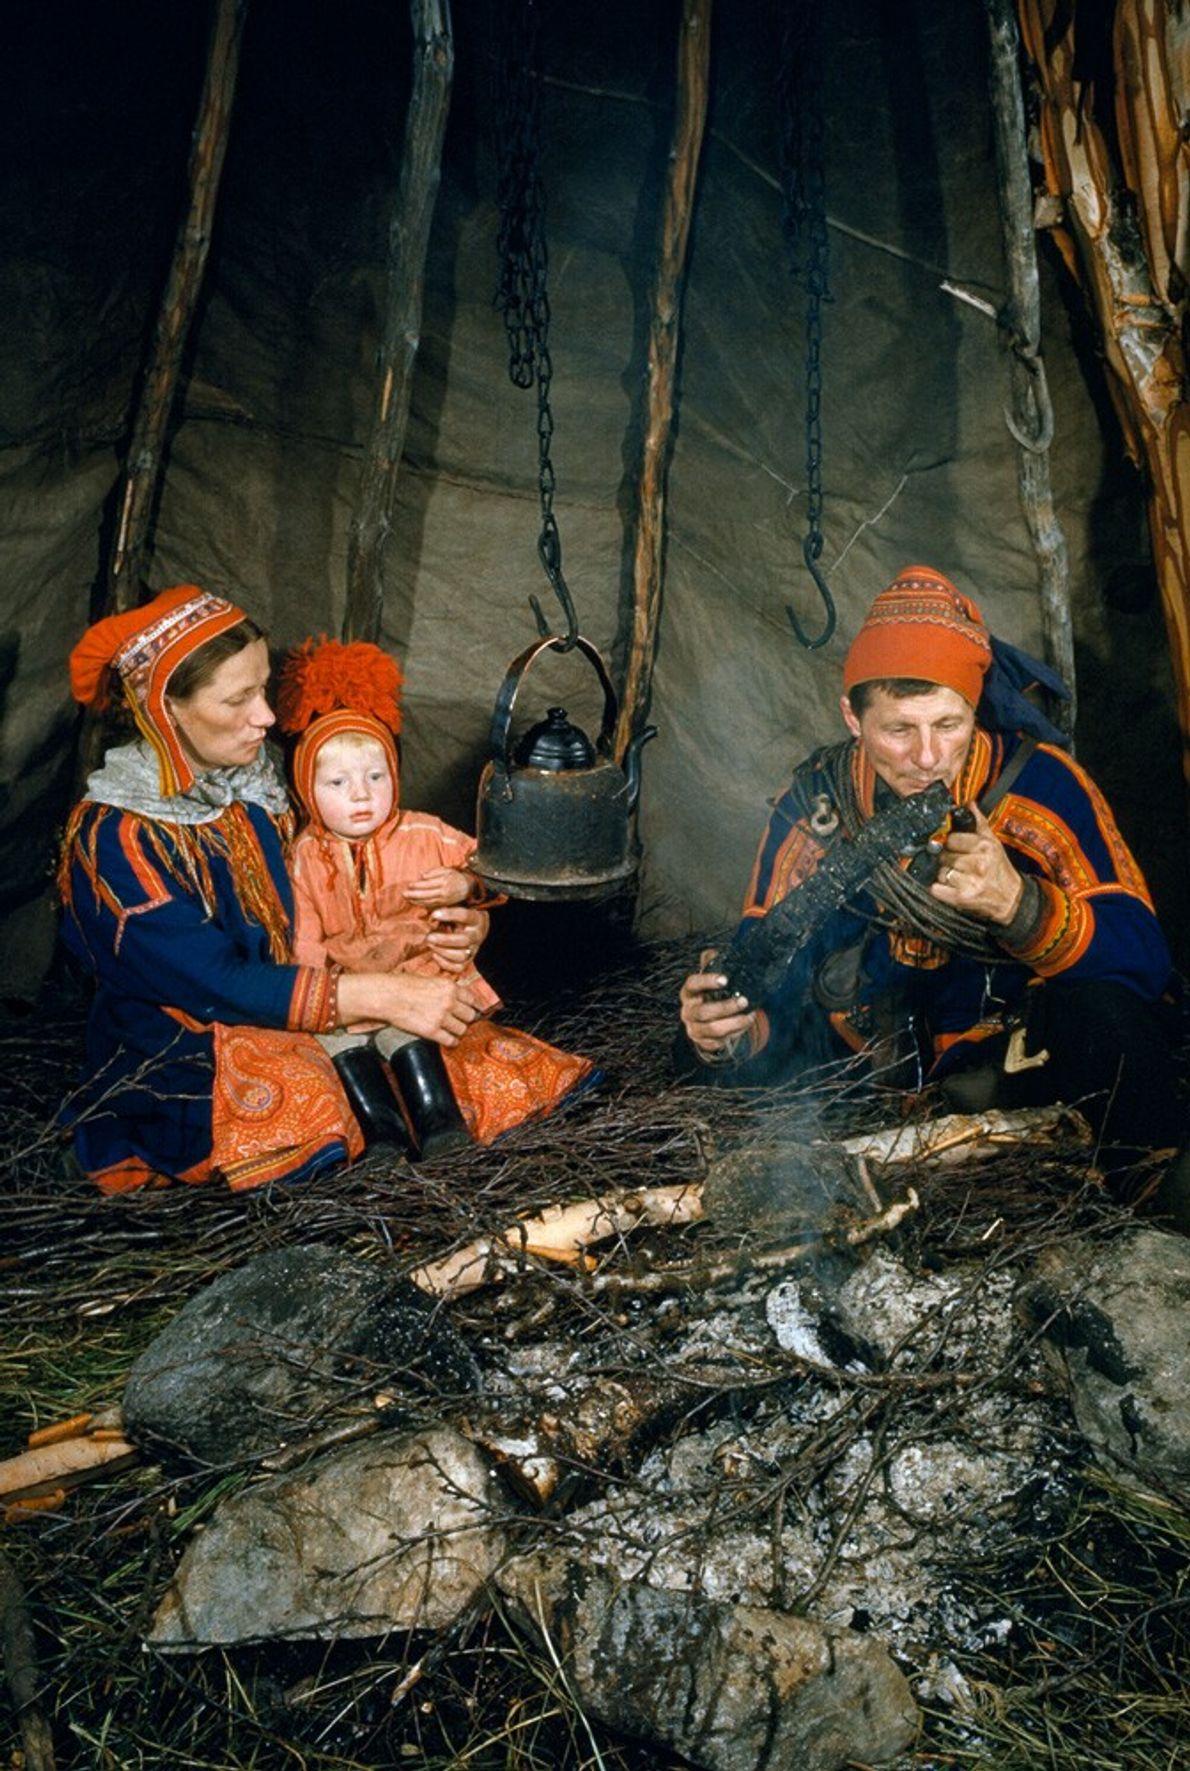 Finlande, 1954 : une famille Sami est assise autour du feu, à l'abri dans un tipi en ...